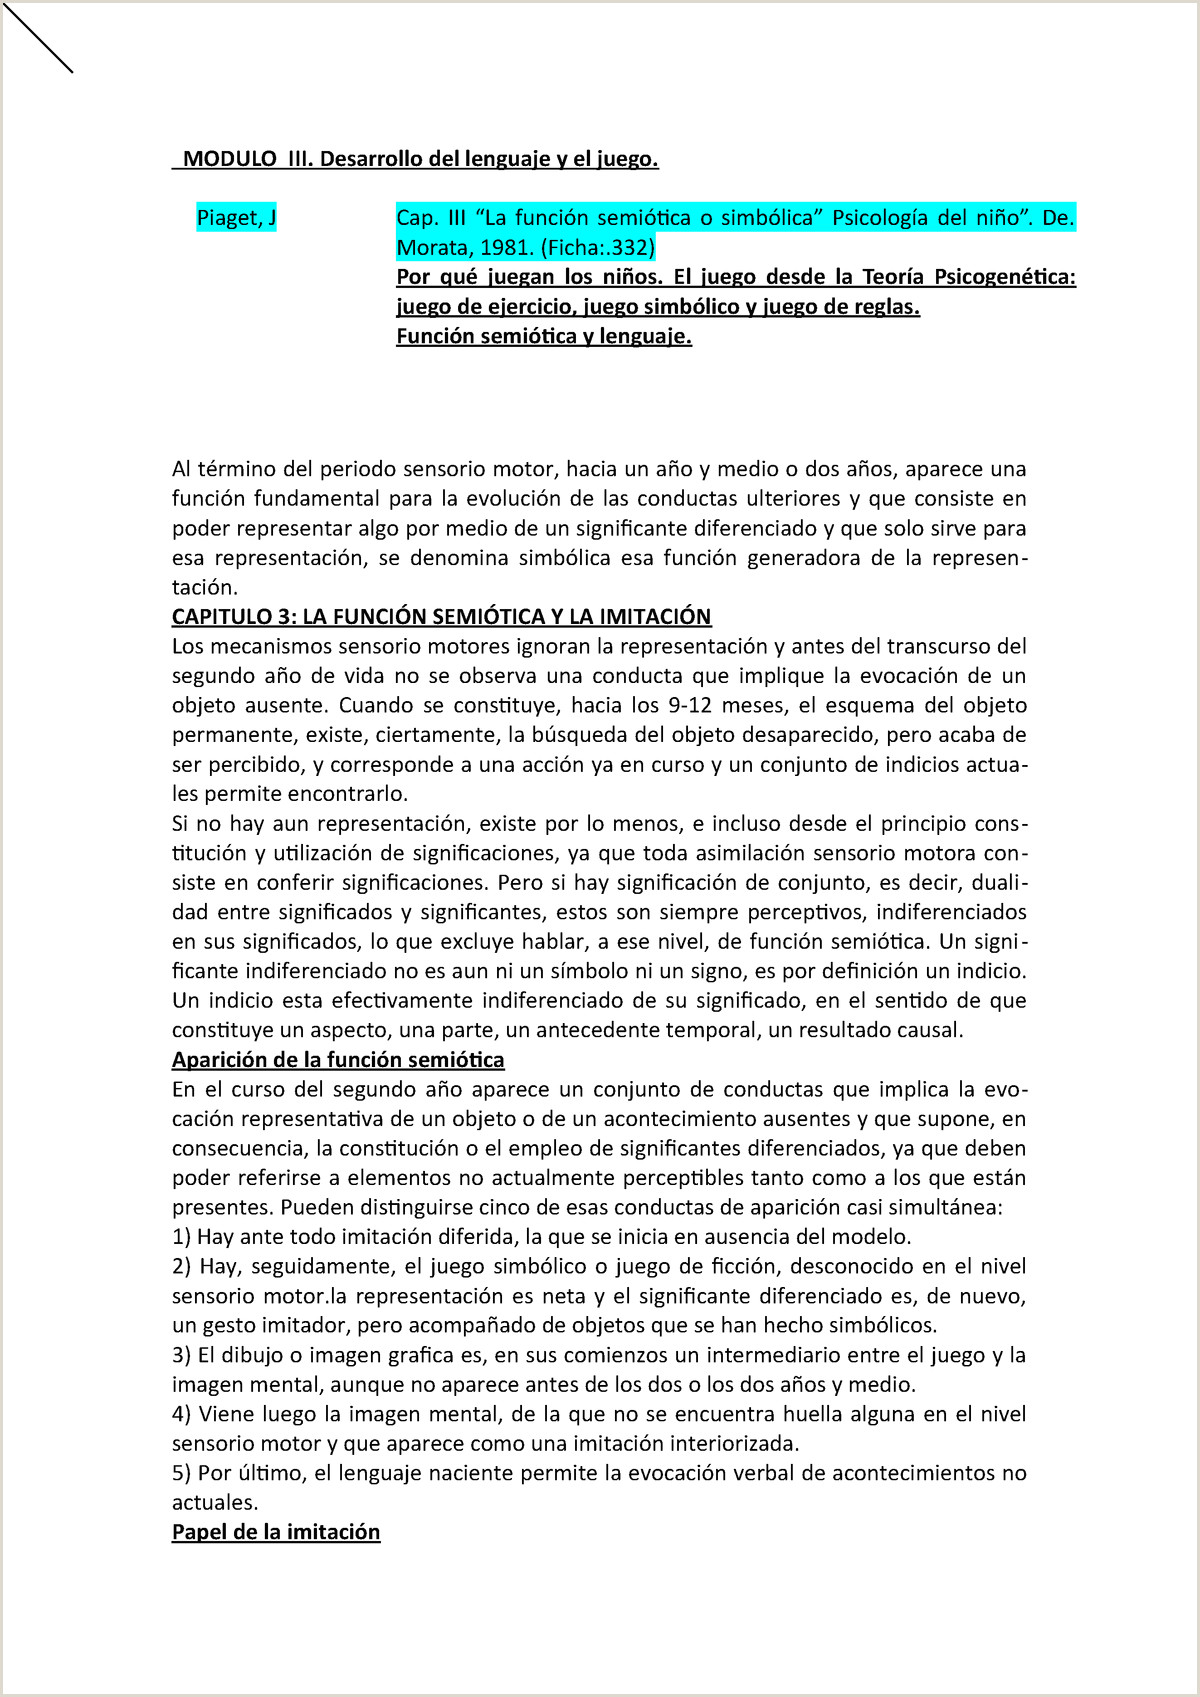 Formato De Hoja De Vida Editable Modulos 3 Resumen Modulo De Psicoanalisis En Relacion Al